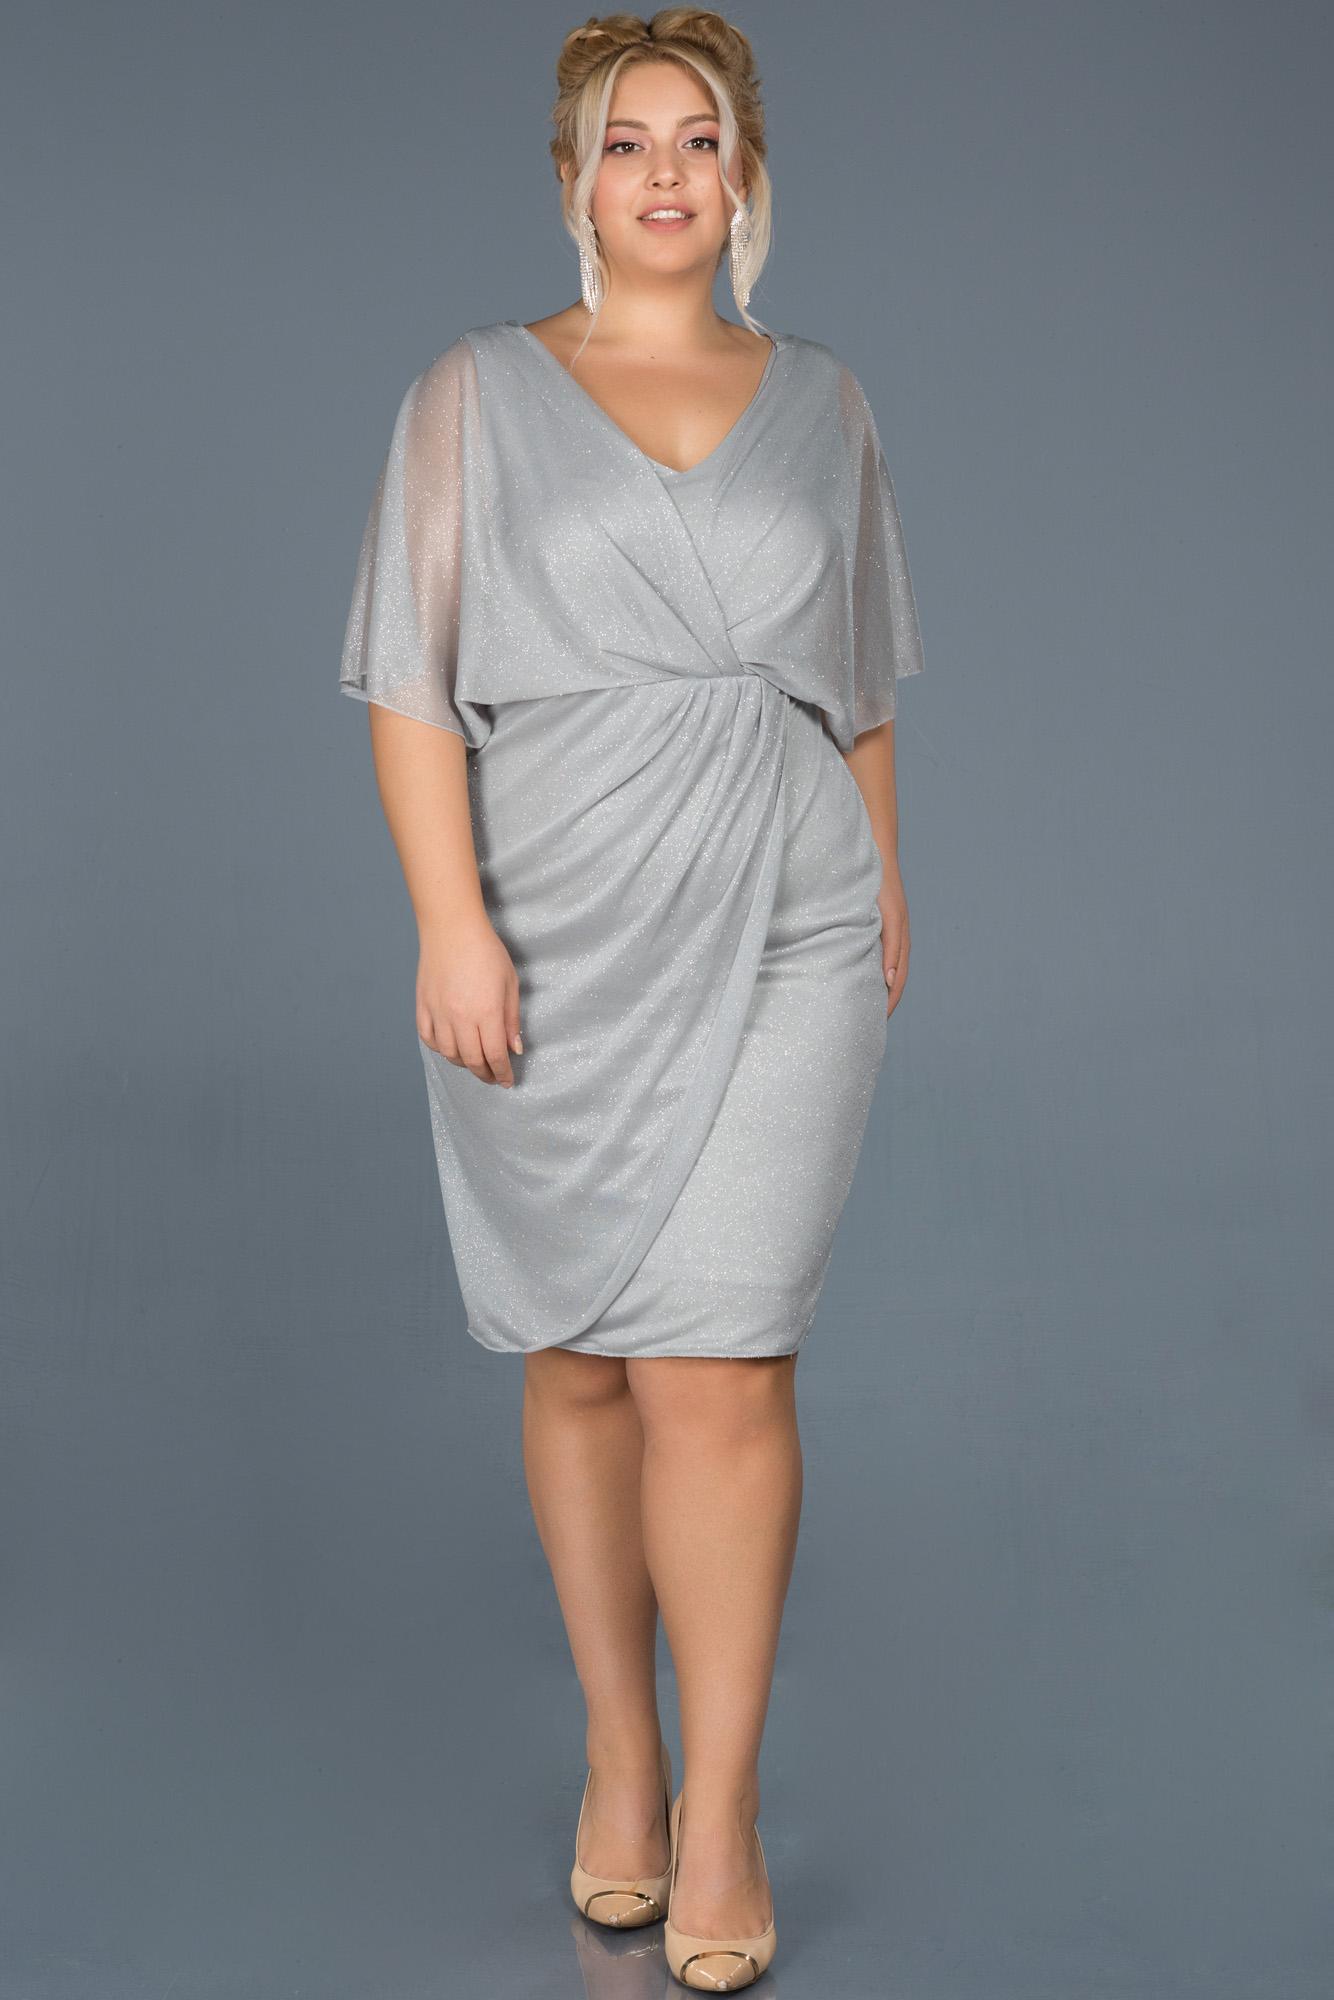 Gümüş Kısa Simli Yarım Kol Davet Elbisesi